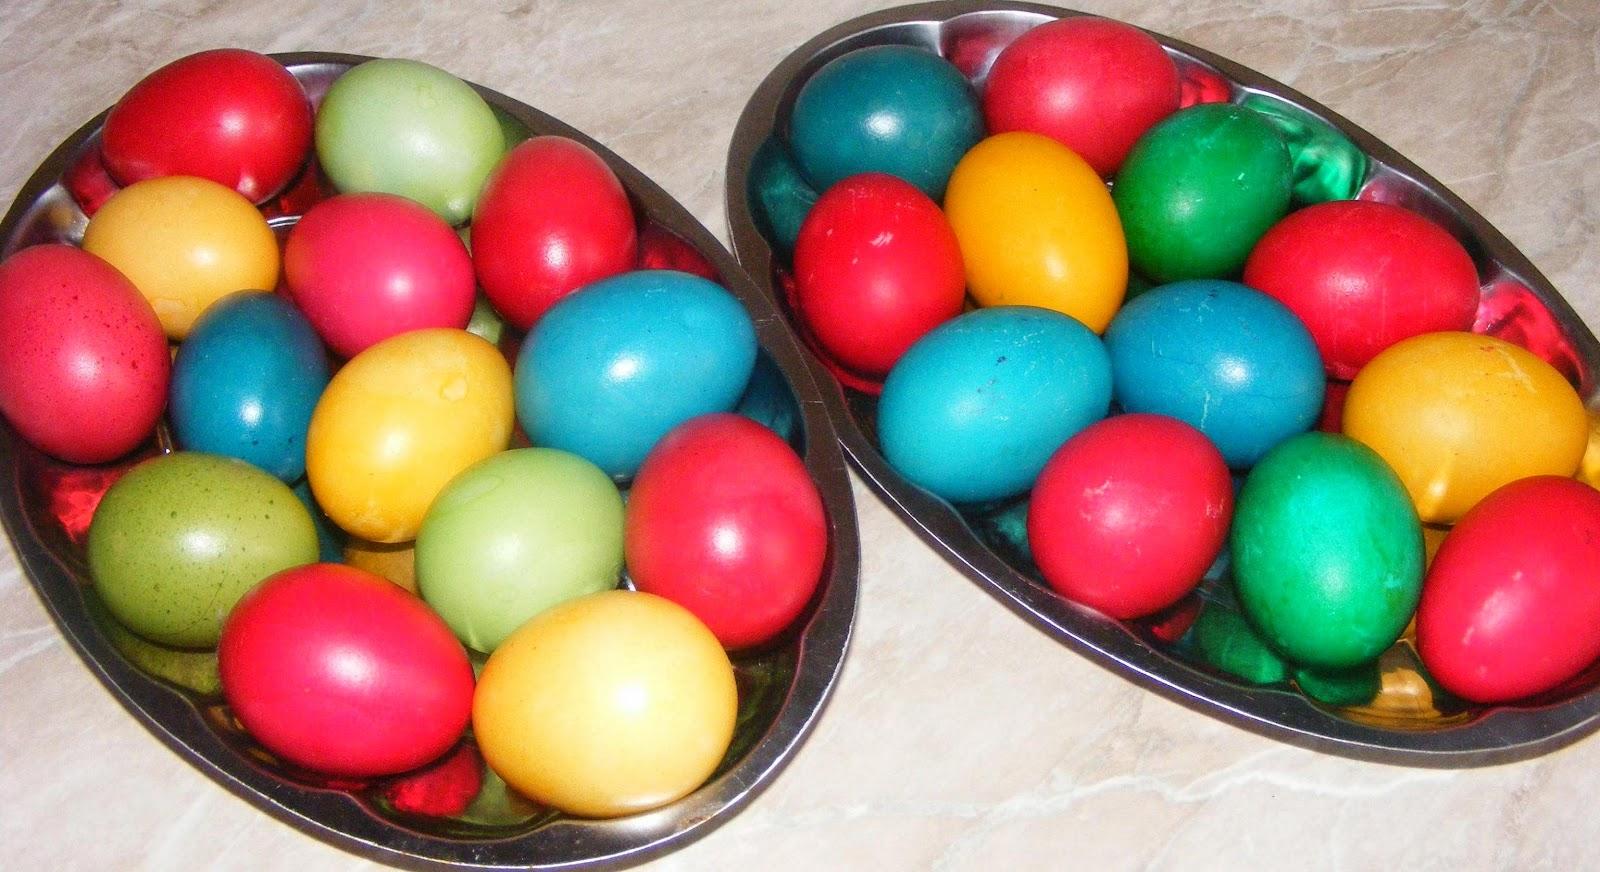 oua, oua vopsite, oua rosii, oua pentru pasti, oua pentru paste, paste, pasti, de paste, oua inrosite, retete de paste, retete de pasti, obiceiuri de paste, datini de paste, preparate de paste, oua de pasti, oua colorate, hristos a inviat, paste fericit, mancare de paste,